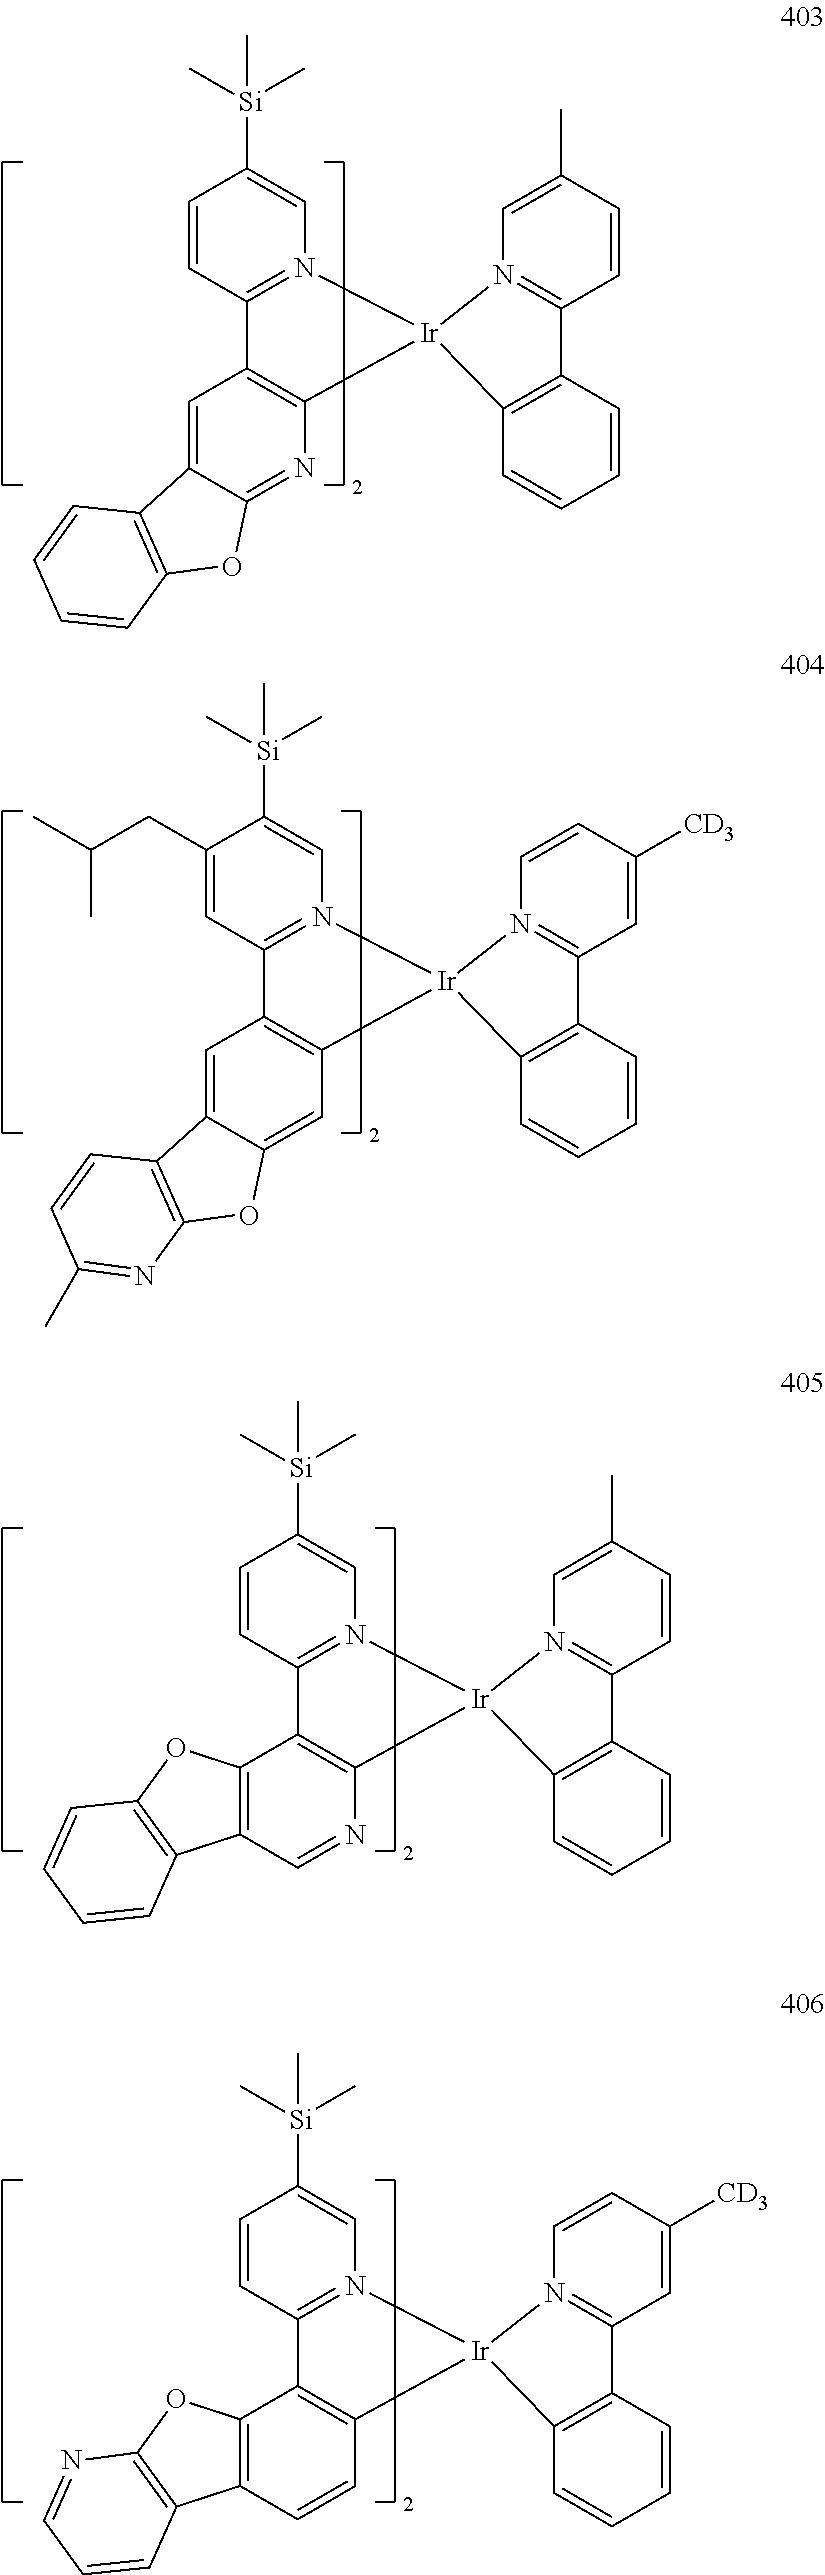 Figure US20160155962A1-20160602-C00440